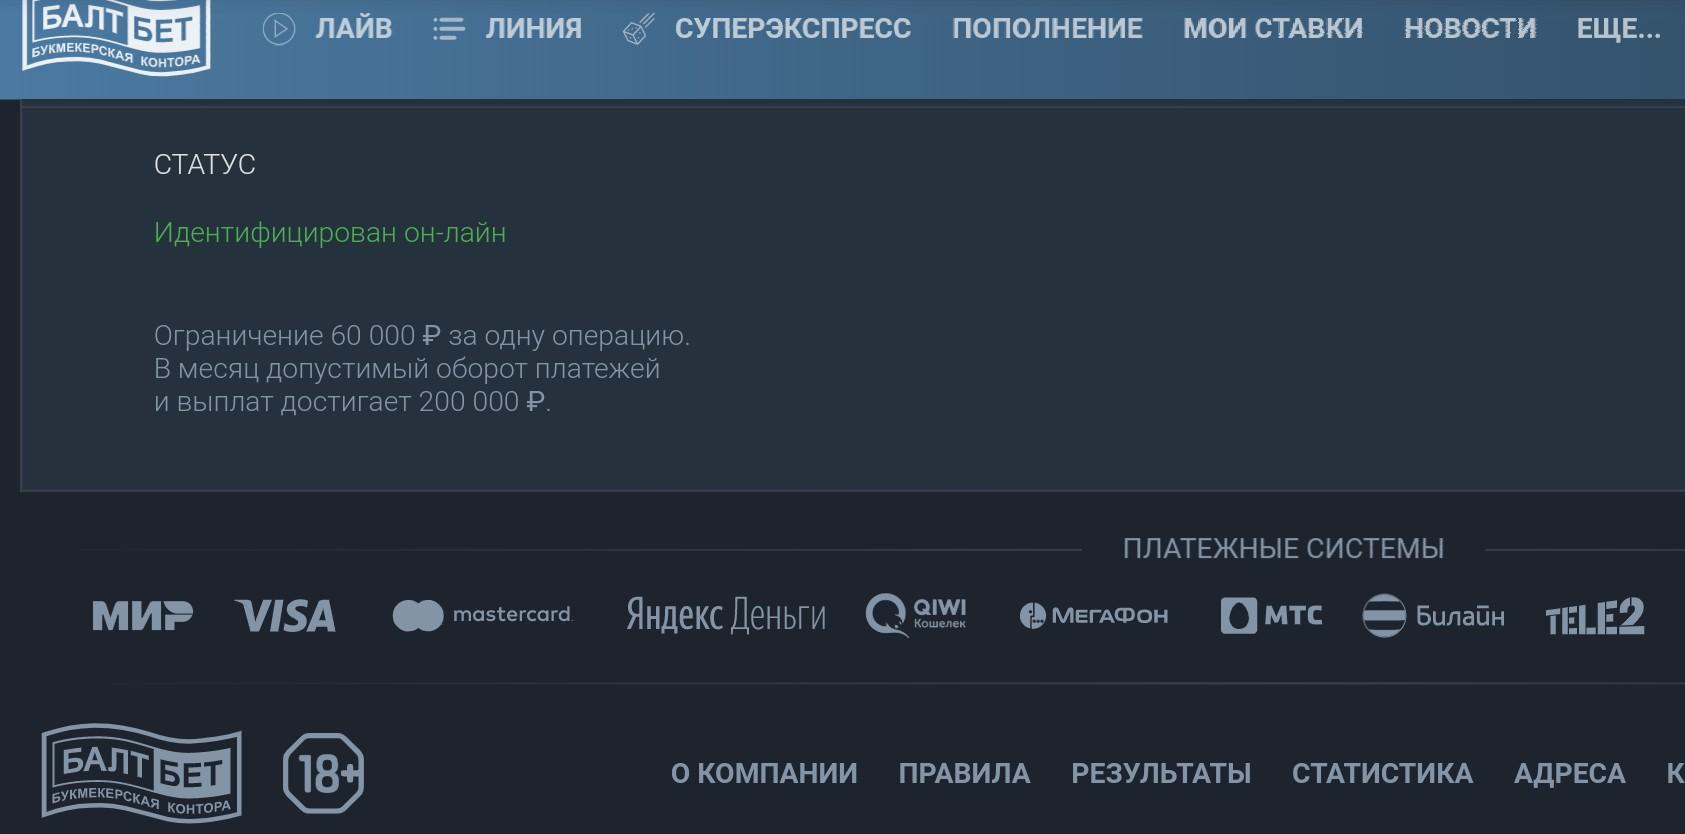 Российская букмекерская контора Балбет